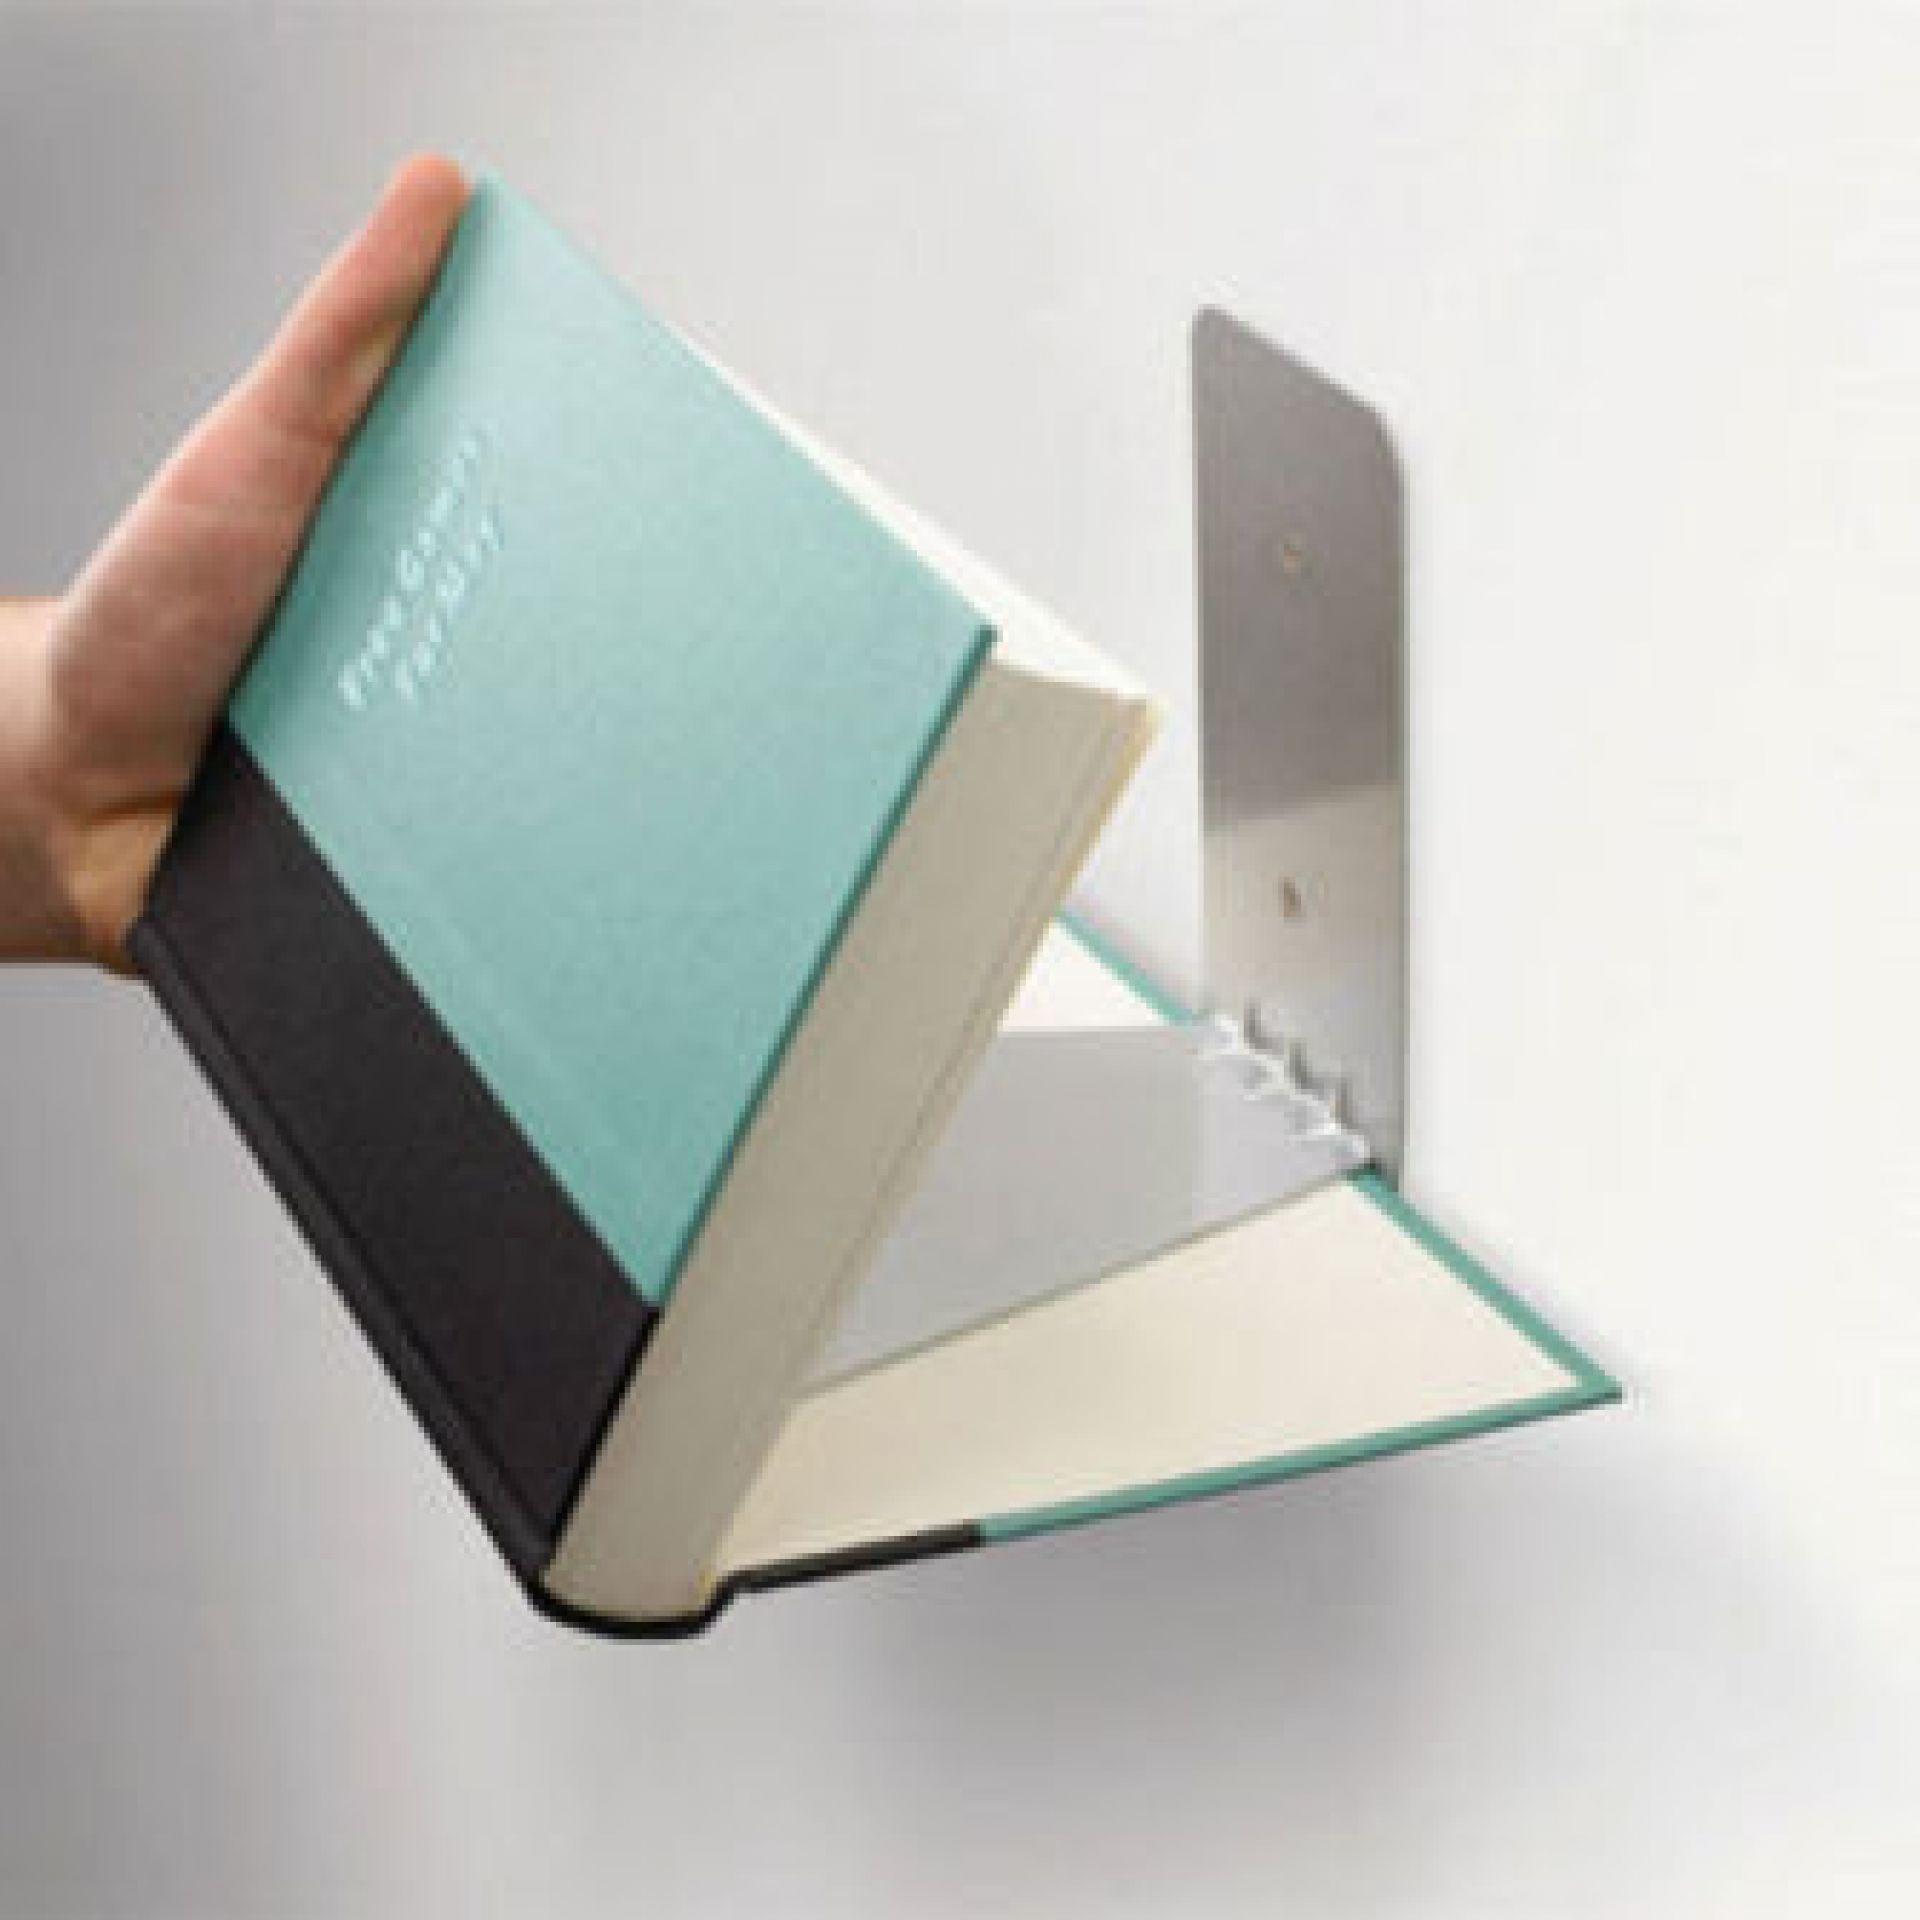 Conceal schwebendes unsichtbares Bücherregal Umbra